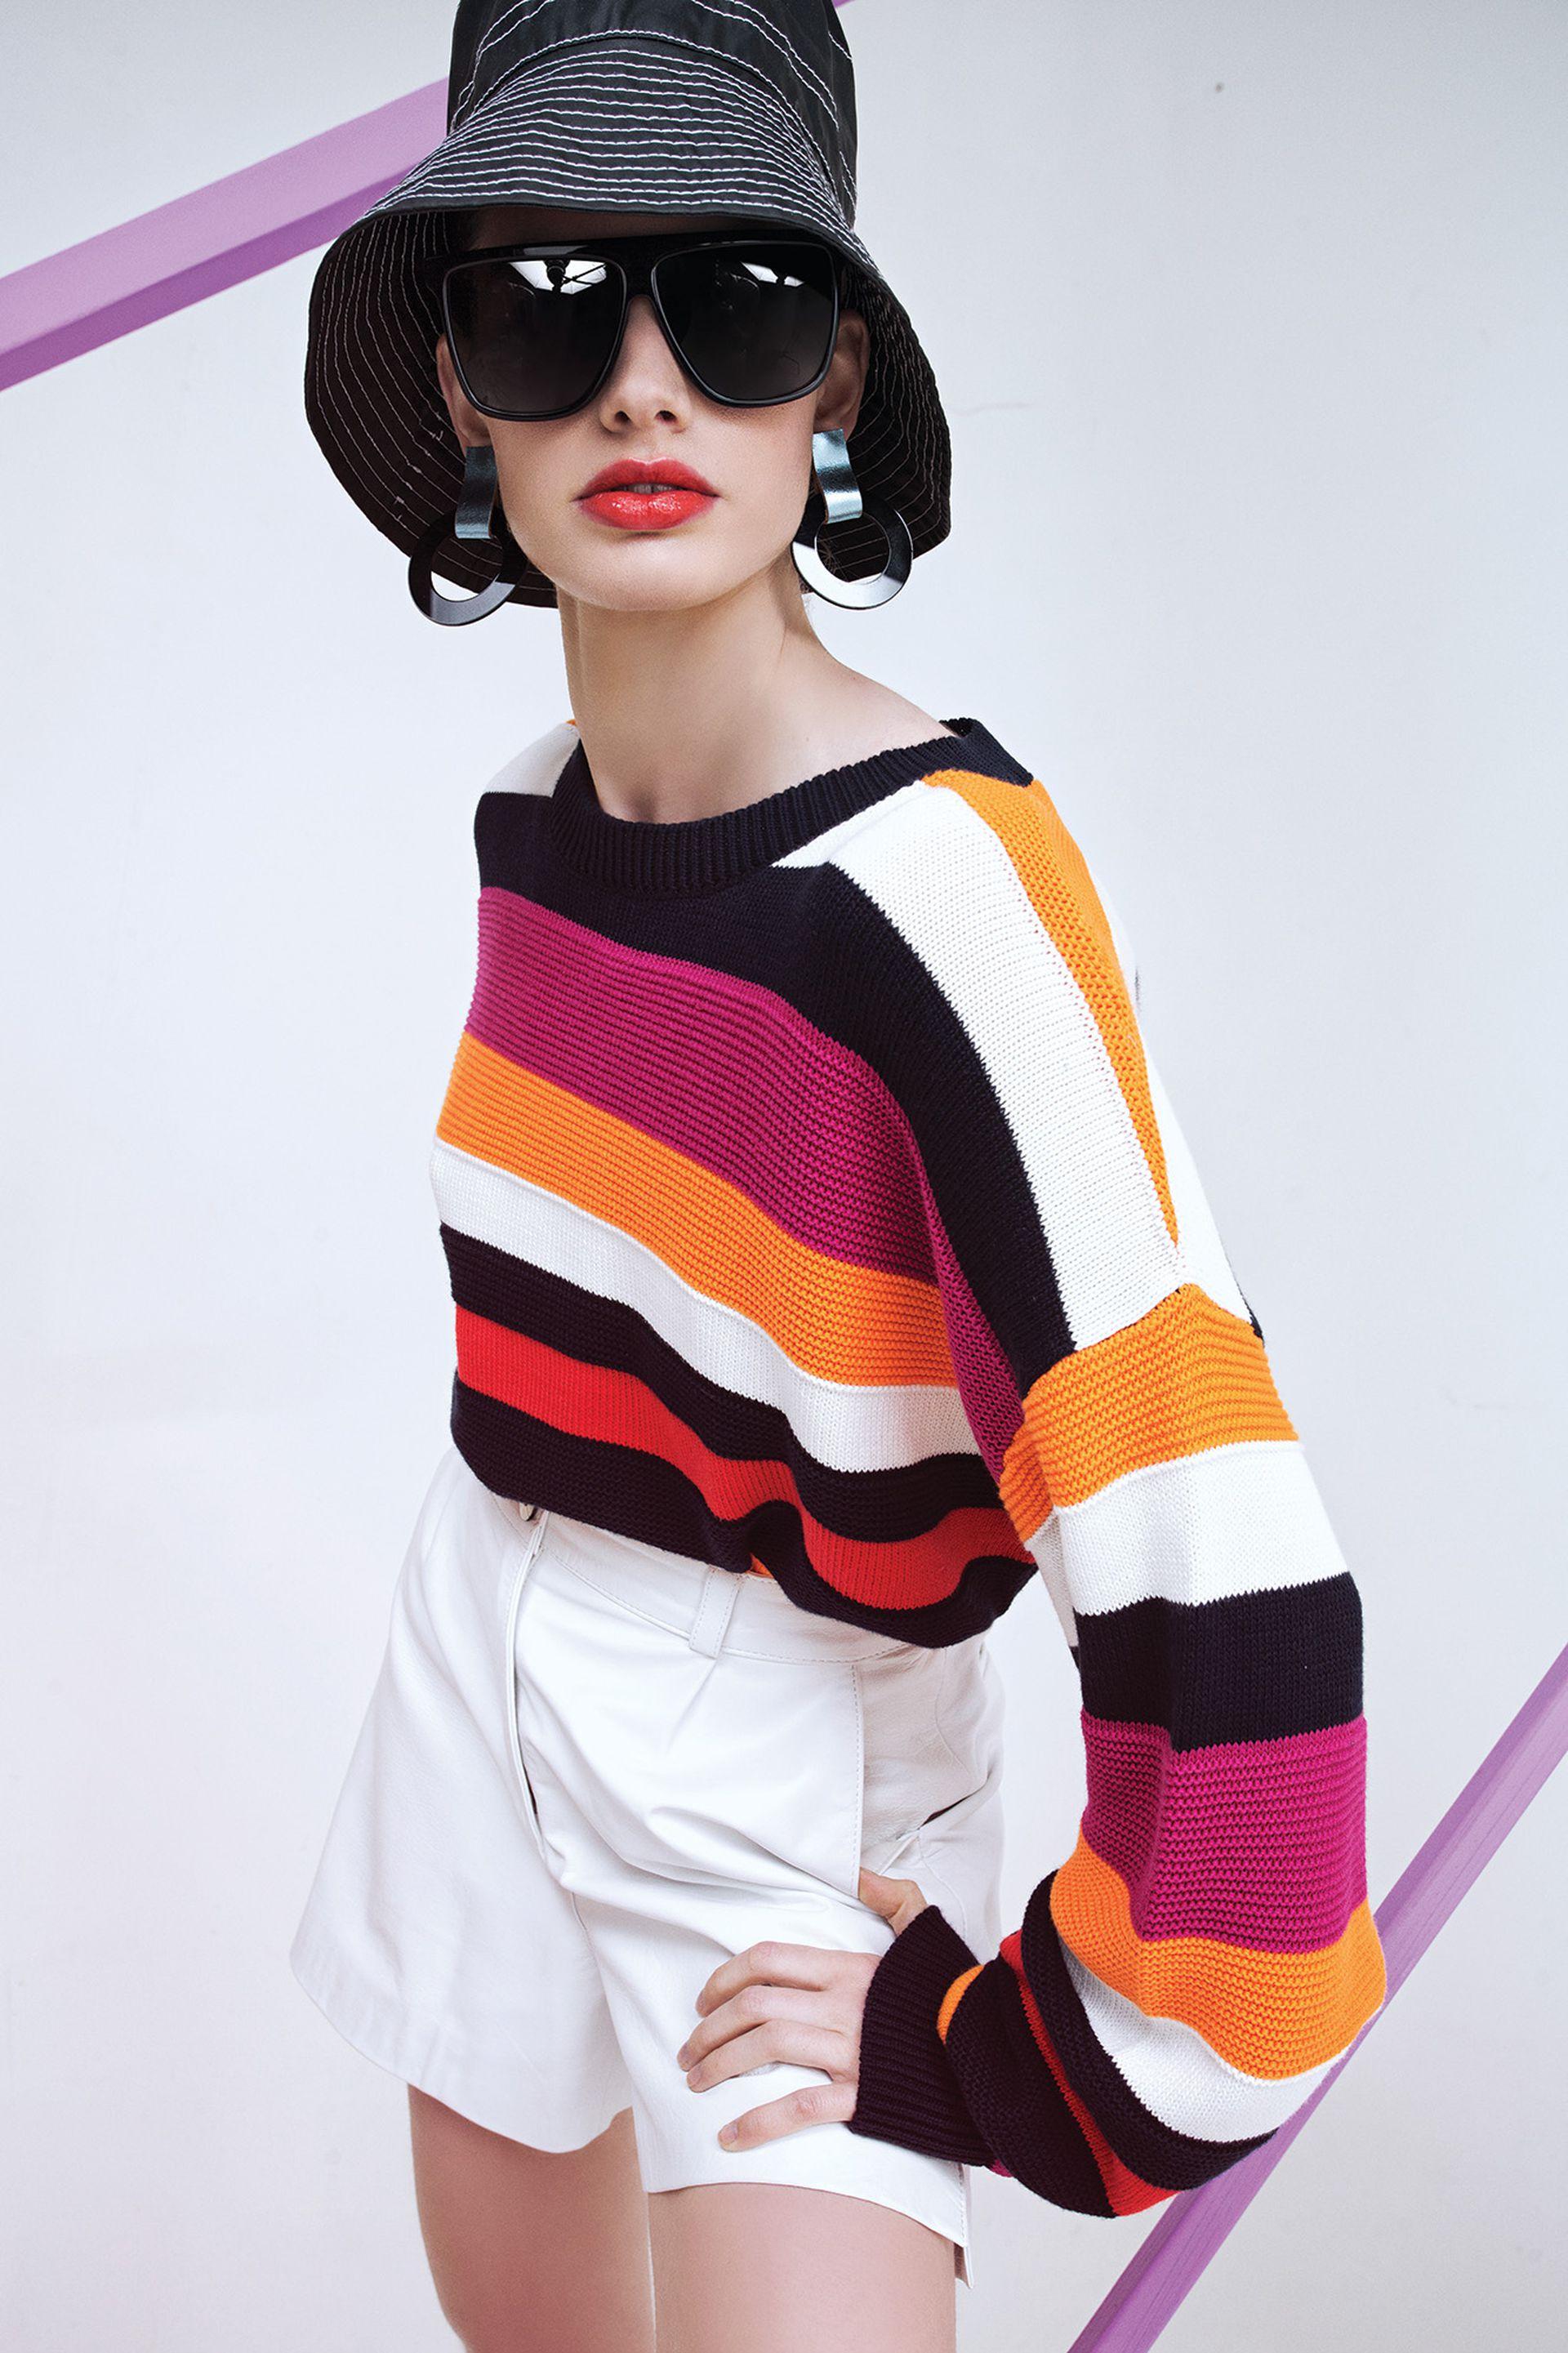 Suéter tejido (Mishka), bermuda de cuero (Safra), aros de cuero y acrílico (Iskin Sisters), anteojos de sol (Vulk), piluso engomado con ala ancha (Perramus)